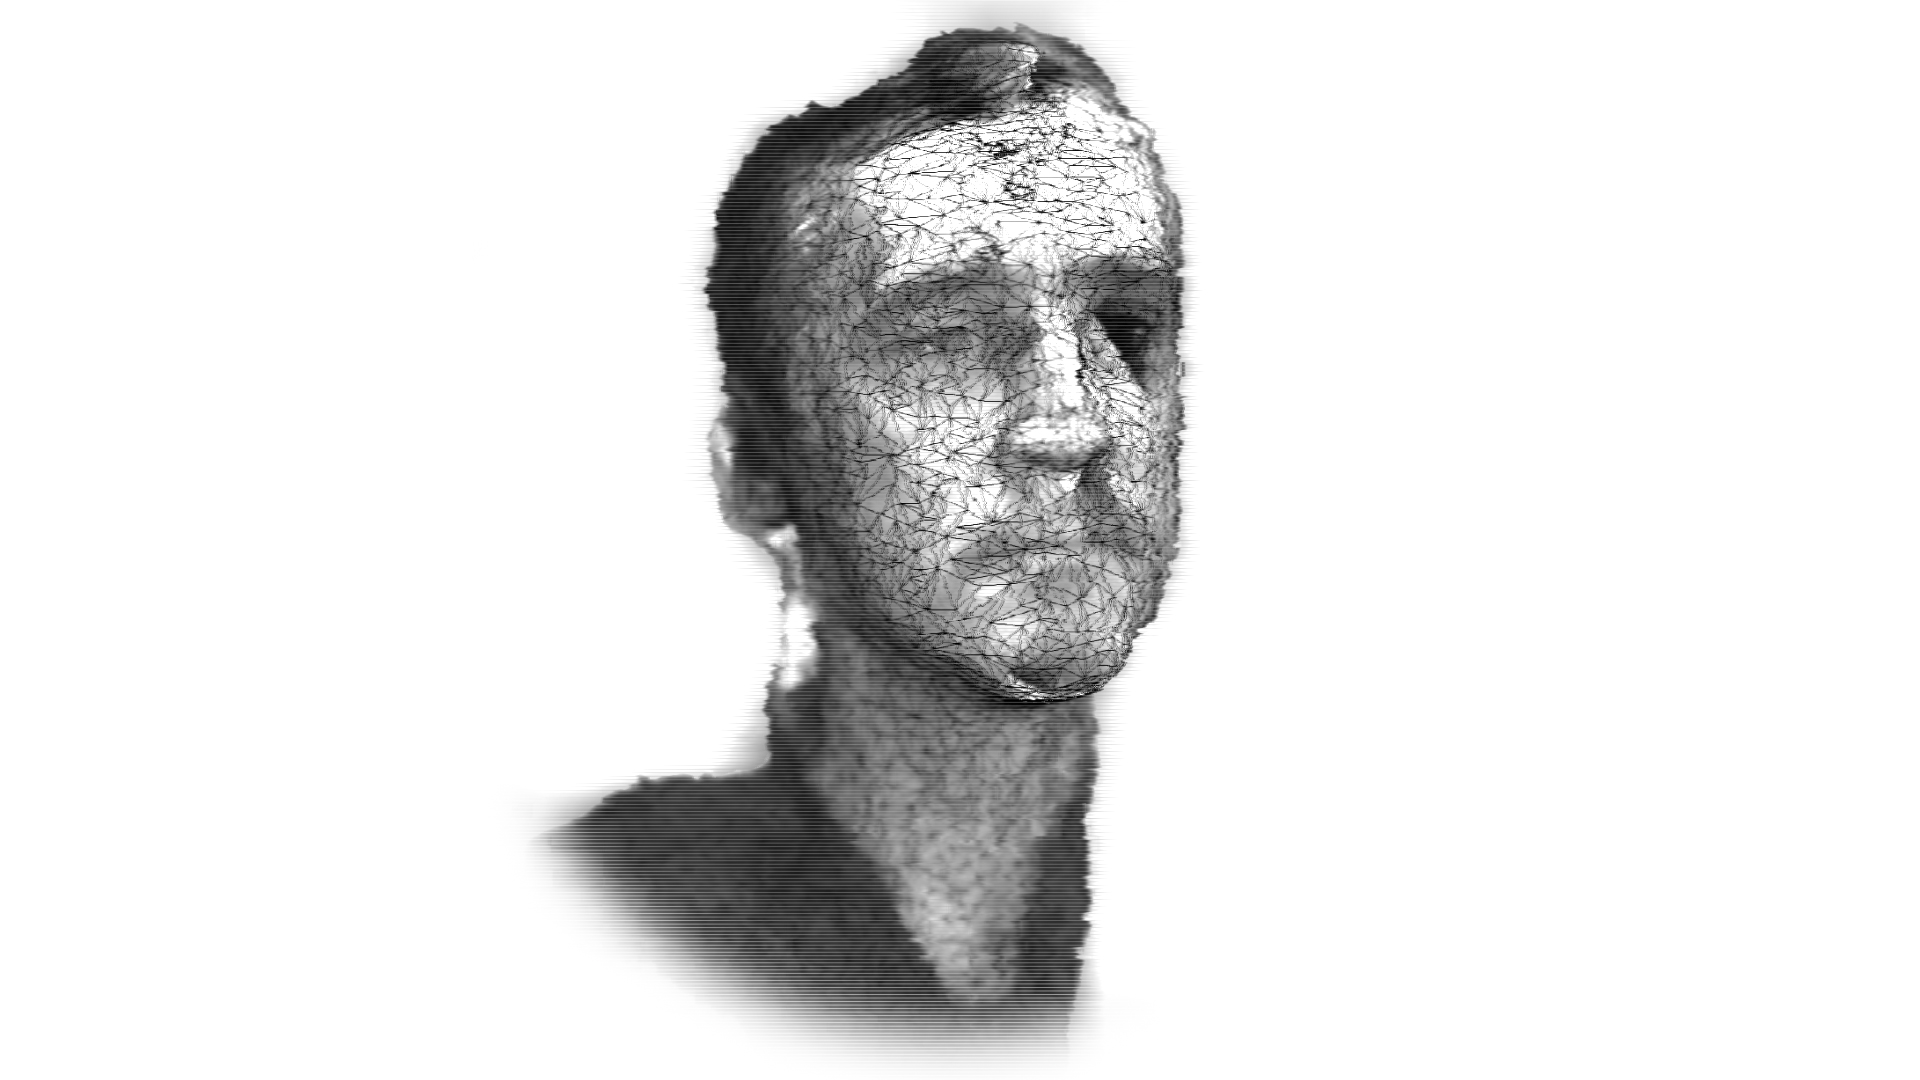 Gert Van Berckelaer